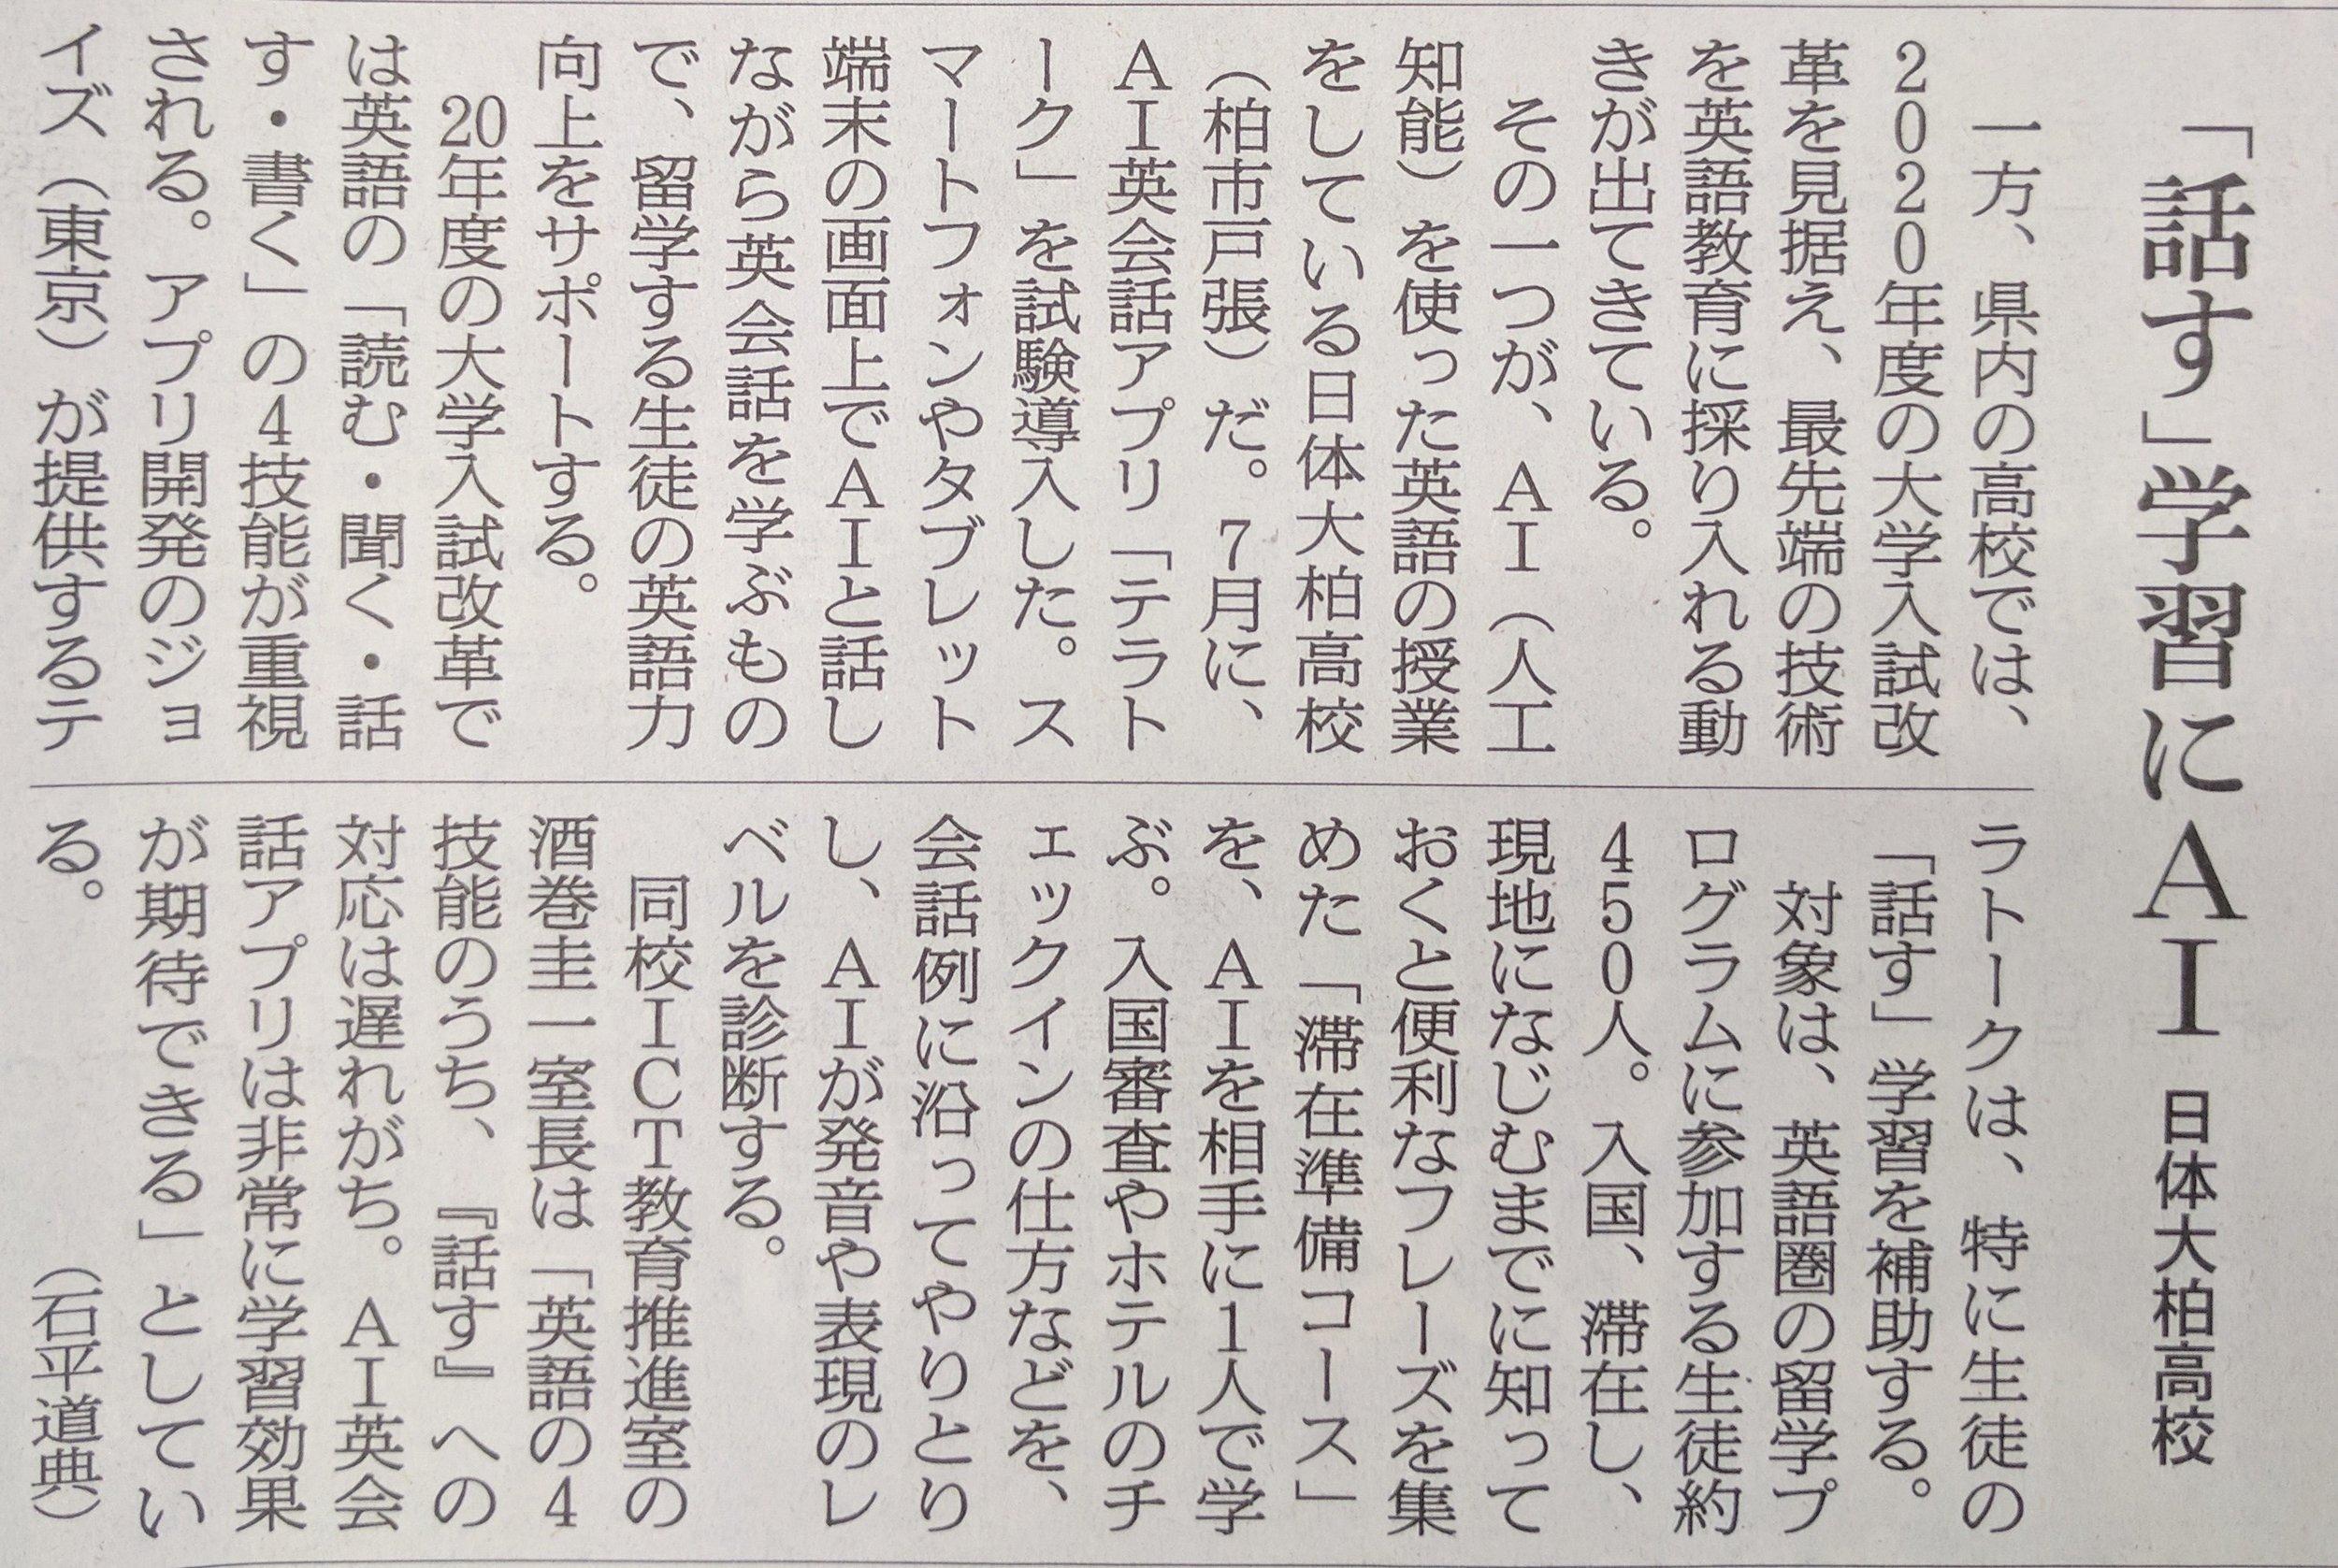 朝日新聞(8月19日紙)